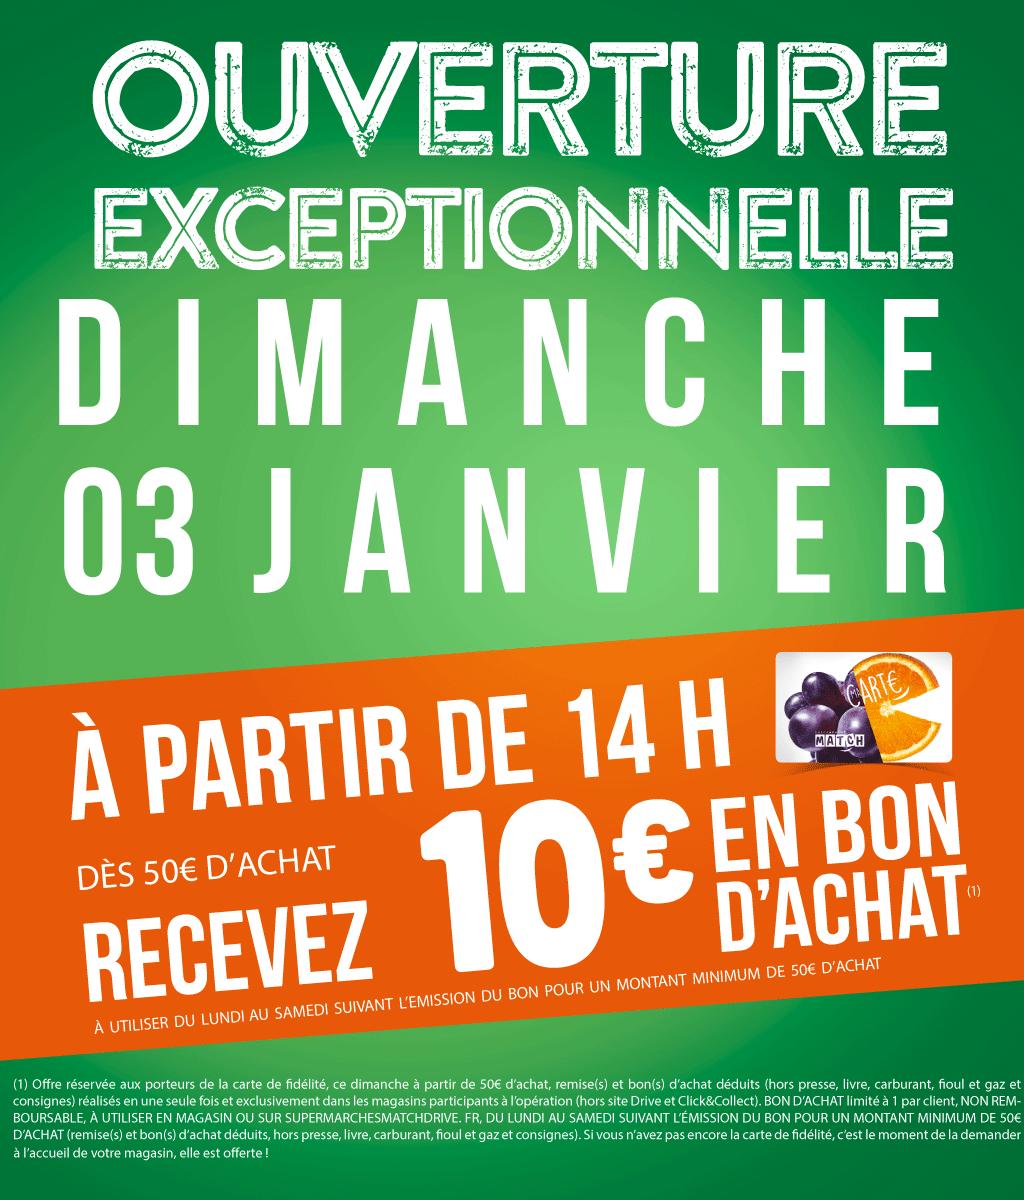 [Carte Fidélités] Bon d'achat de 10€ offert dès 50€ d'achat le 3 janvier à partir de 14h (hors drive) - Villeneuve-d'Ascq (59)